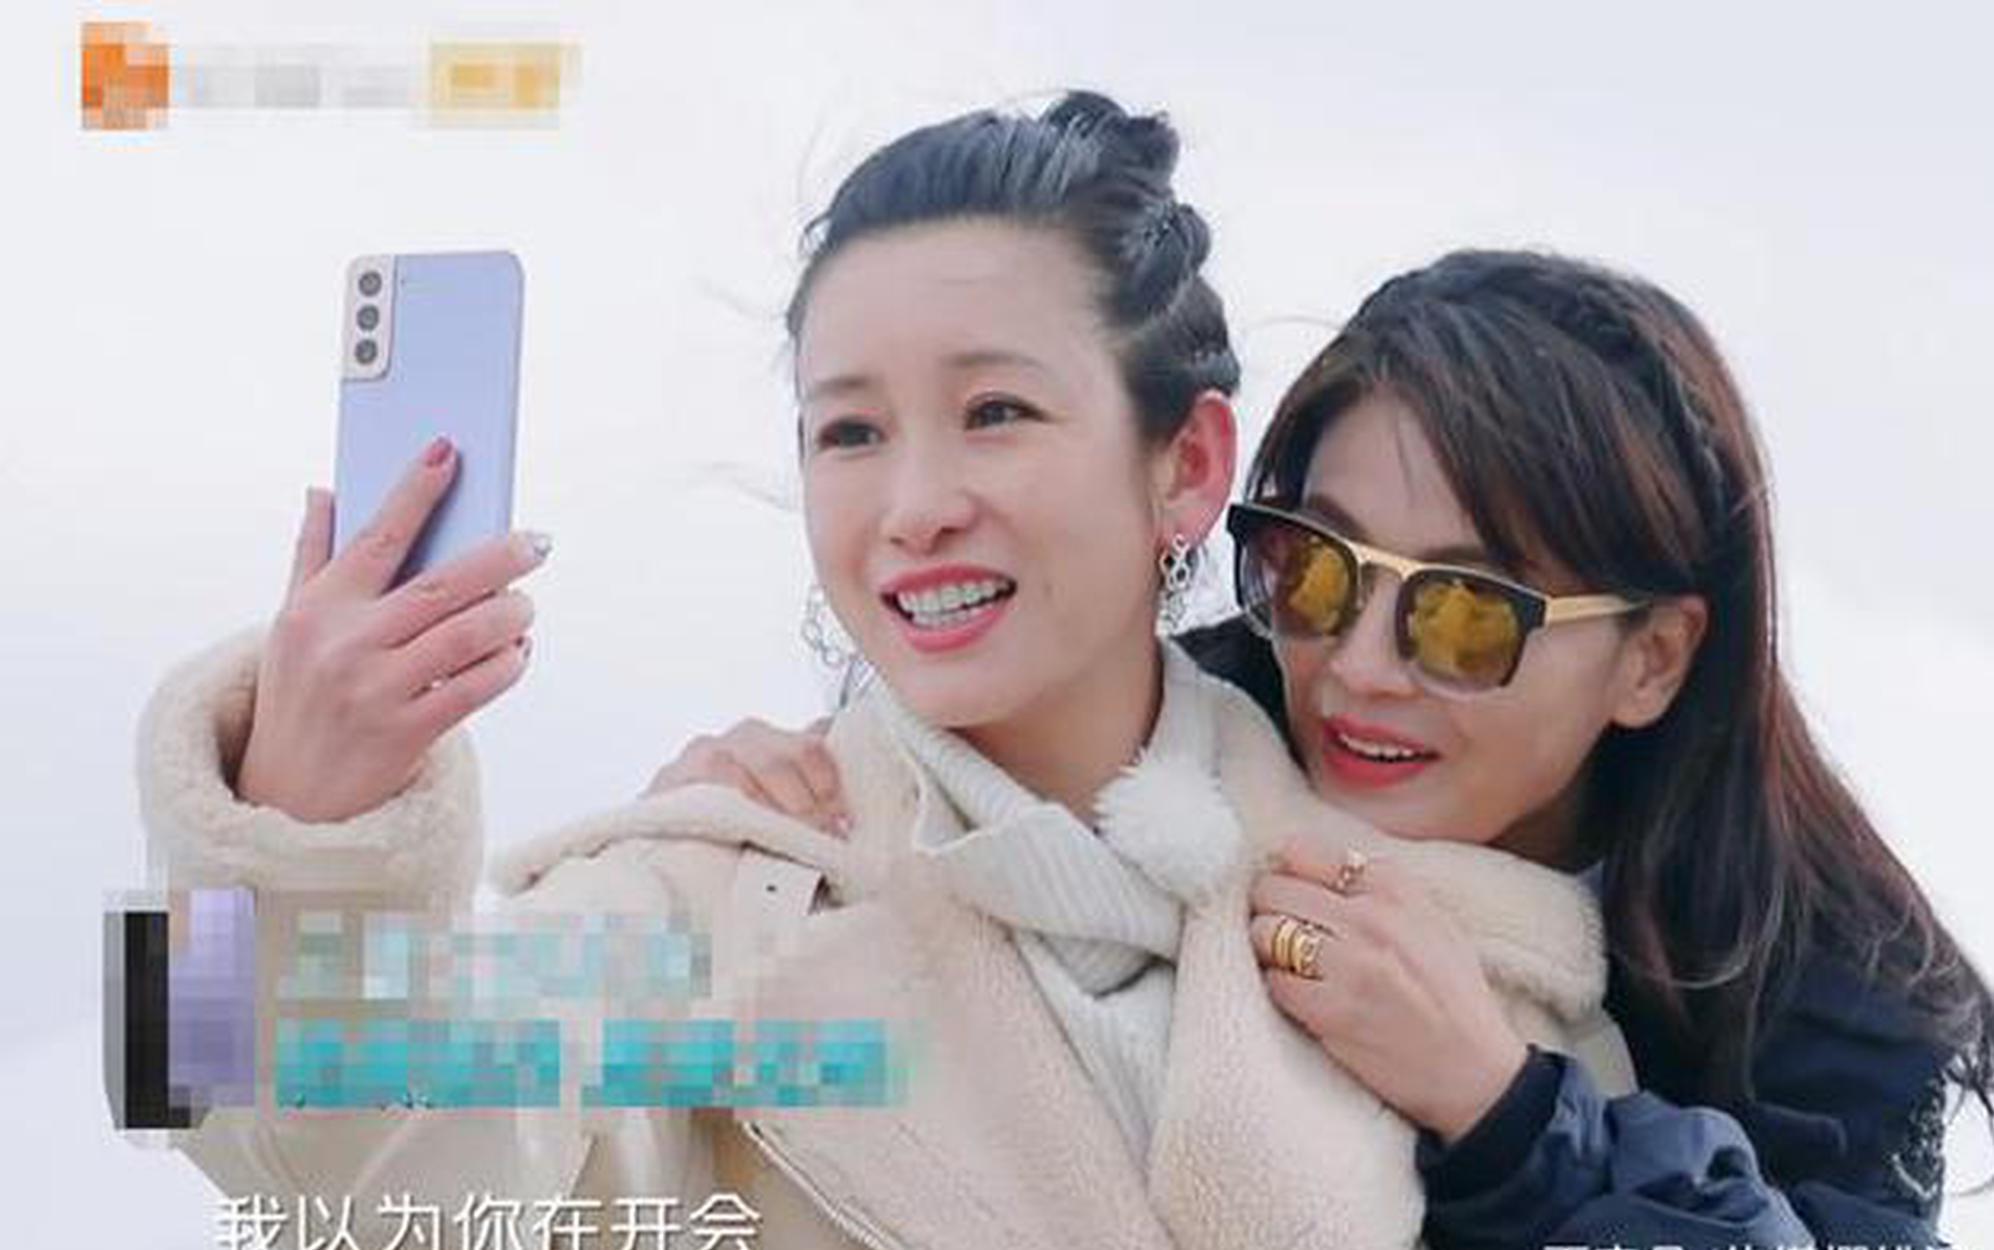 """刘涛与王珂公开秀恩爱 互相喊话表白""""我爱你"""""""